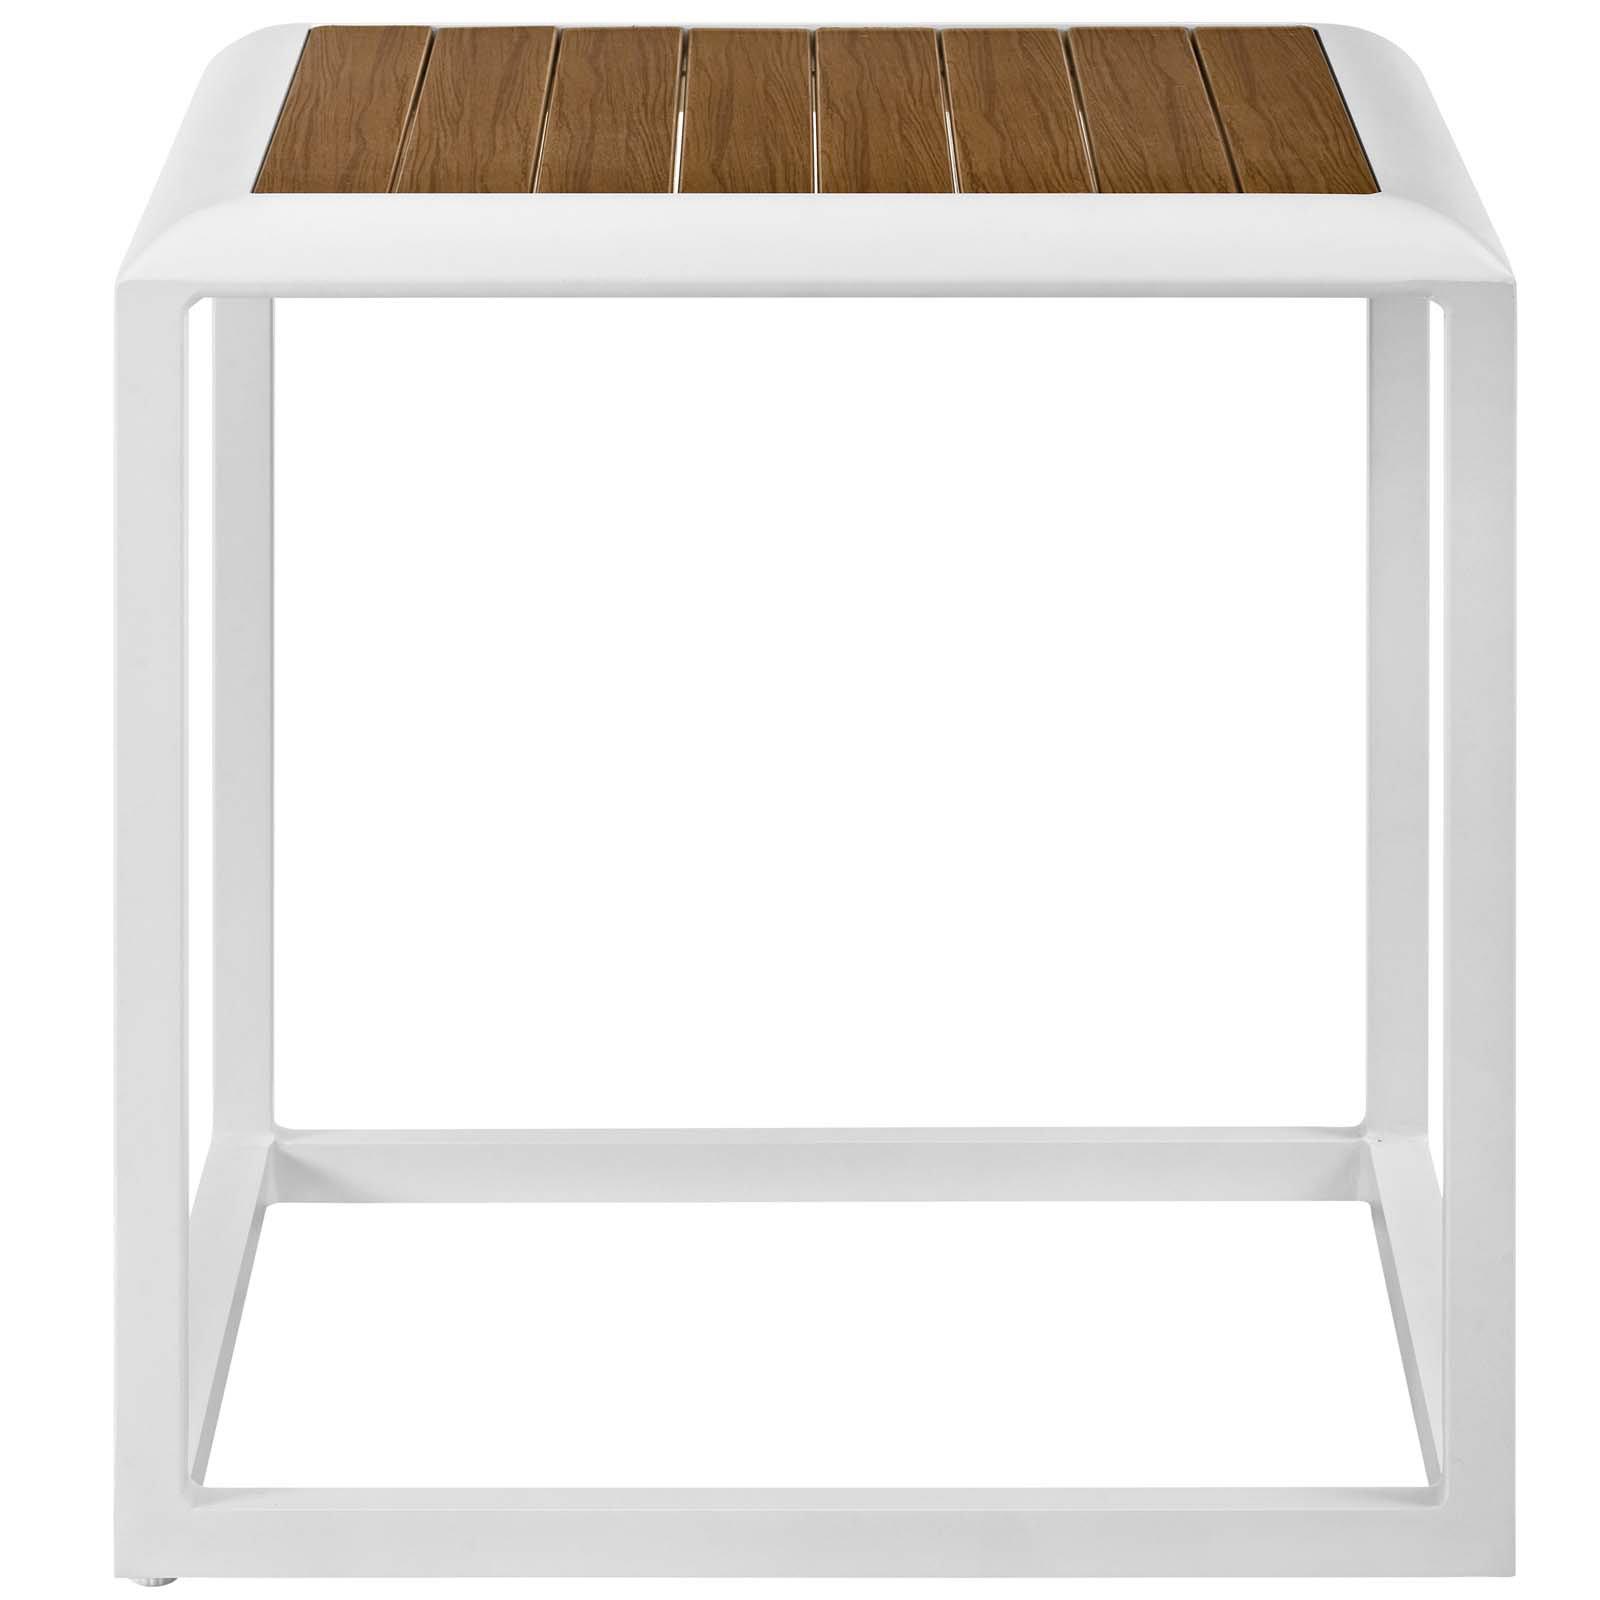 Enjoyable Rossville Plastic Resin Side Table Dailytribune Chair Design For Home Dailytribuneorg